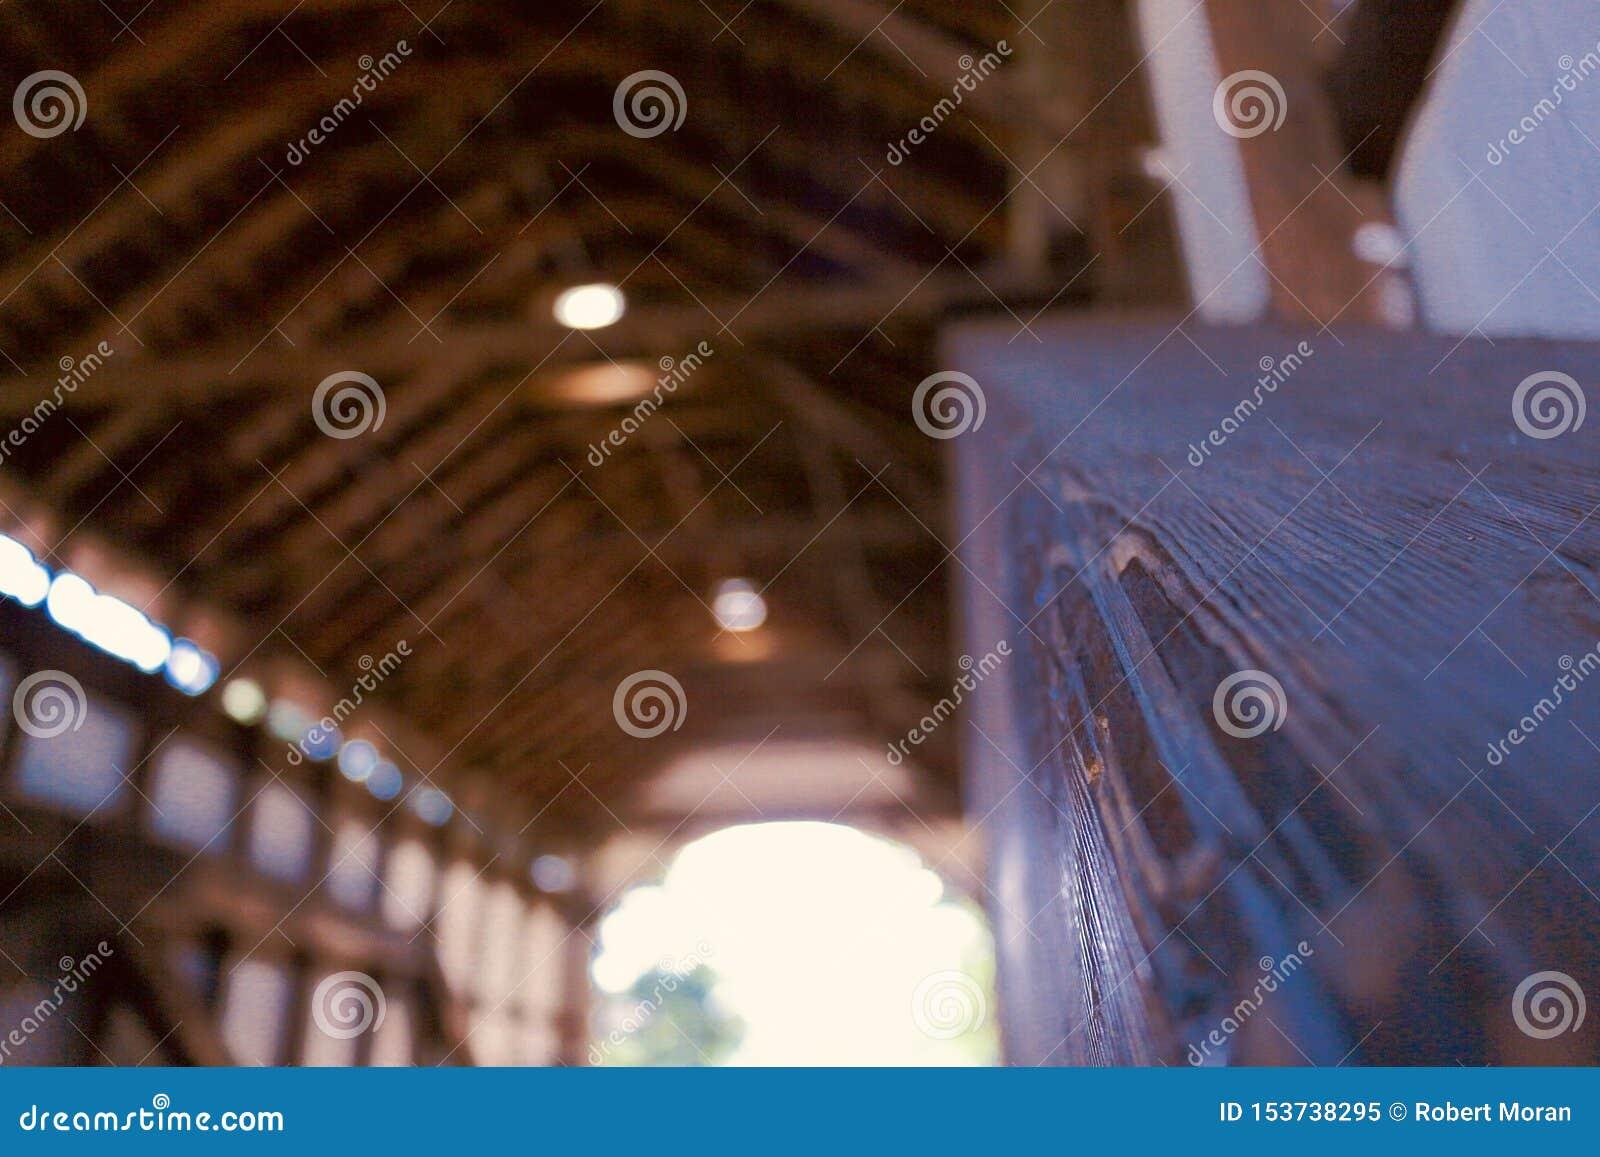 Μια υπέροχα κατασκευασμένη ξύλινη γέφυρα